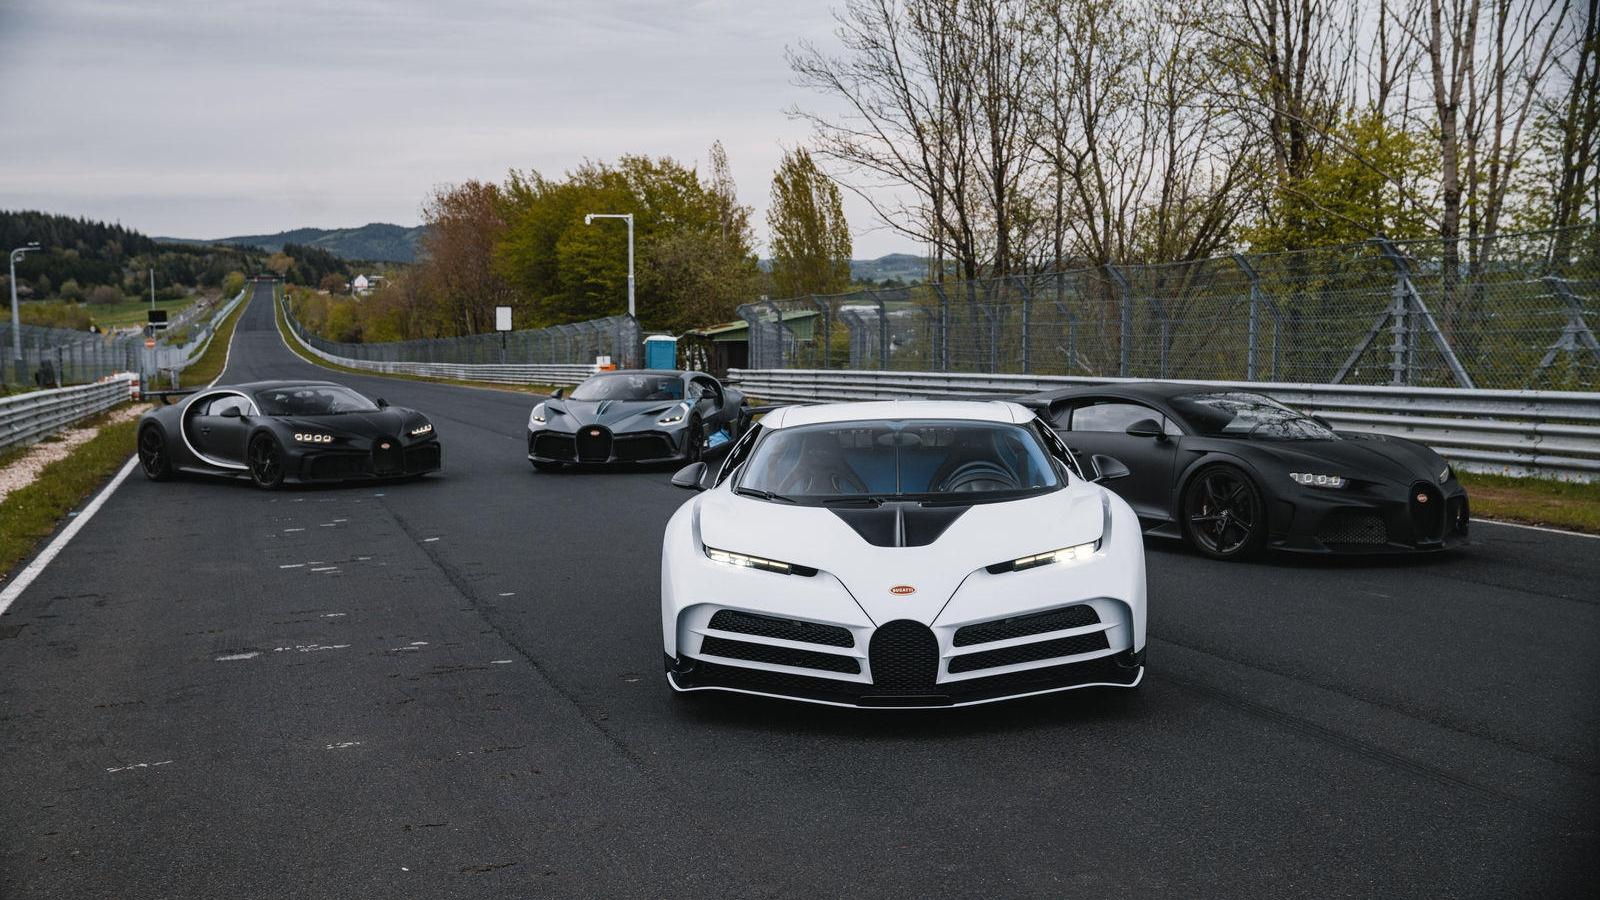 Bugatti thử nghiệm siêu xe triệu đô tại Nurburgring